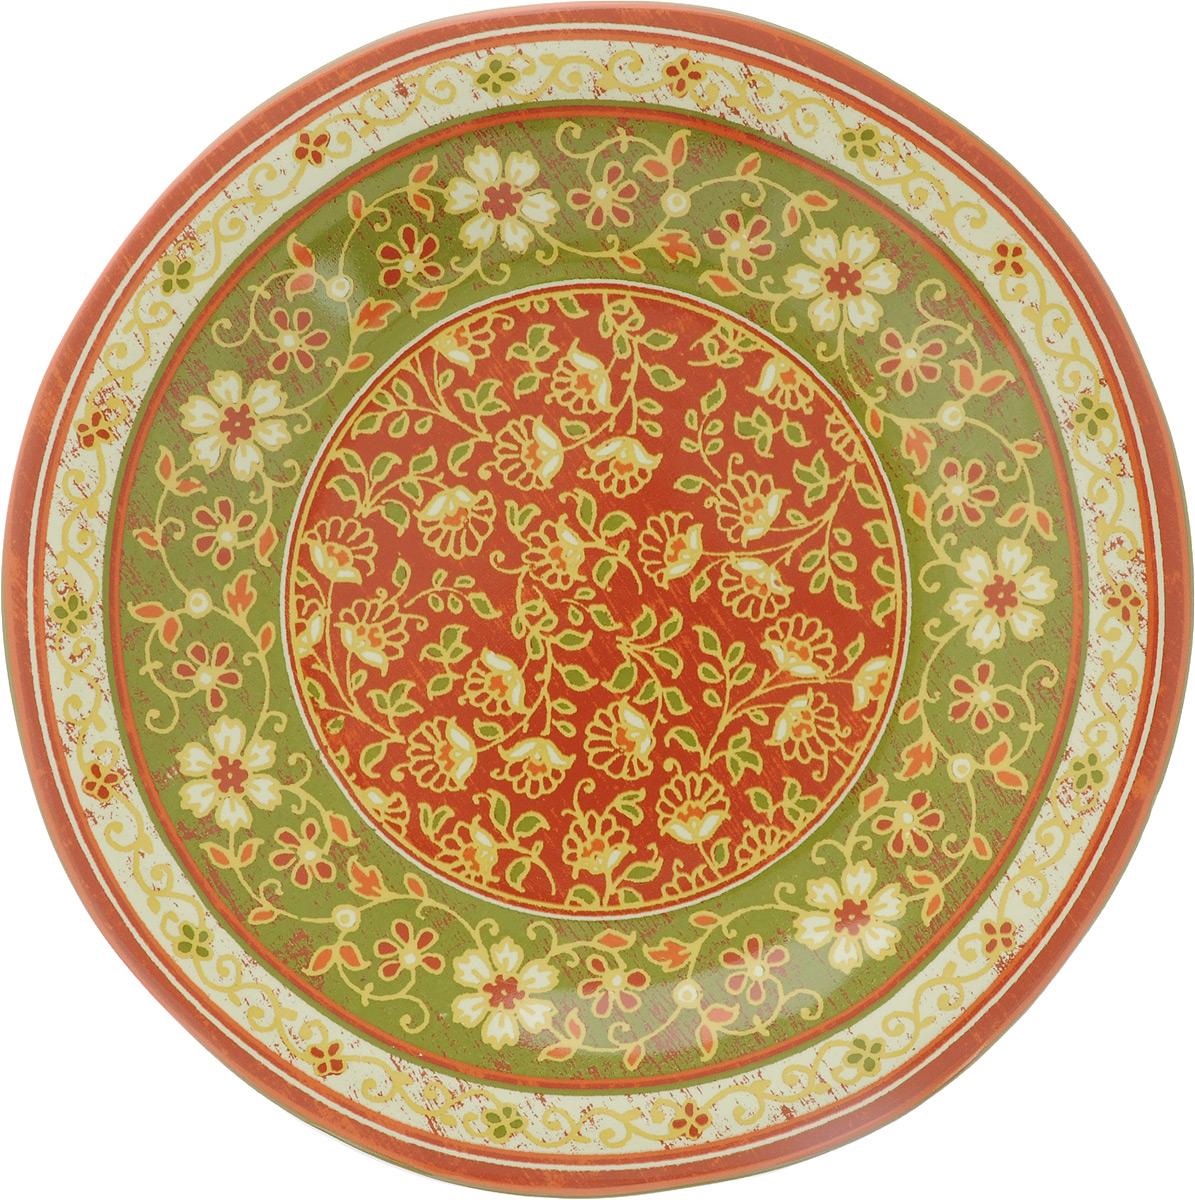 """Десертная тарелка Sango Ceramics """"Кашмир"""", изготовленная из высококачественной керамики, имеет изысканный внешний вид. Такая тарелка прекрасно подходит как для торжественных случаев, так и для повседневного использования. Идеальна для подачи десертов, пирожных, тортов и многого другого. Она прекрасно оформит стол и станет отличным дополнением к вашей коллекции кухонной посуды.Можно использовать в посудомоечной машине и СВЧ.Диаметр тарелки: 23 см.Высота тарелки: 3 см."""